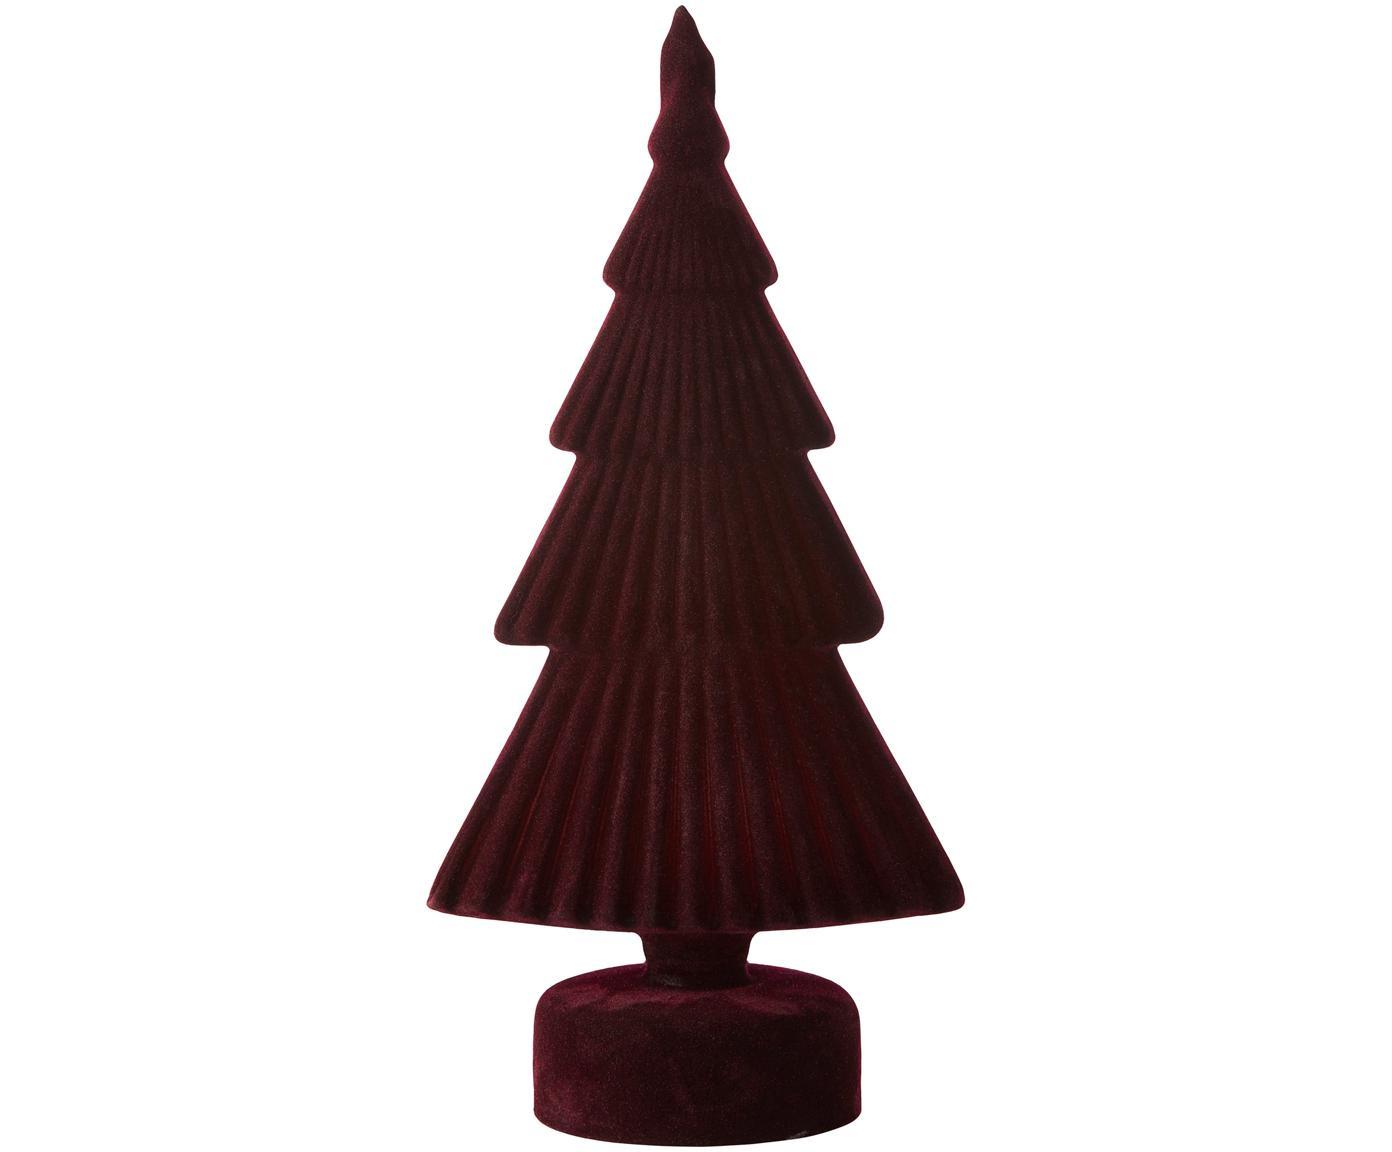 Dekoracja Velvie Christmas Tree, Tapicerka: poliester, Ciemny czerwony, S 13 x W 27 cm